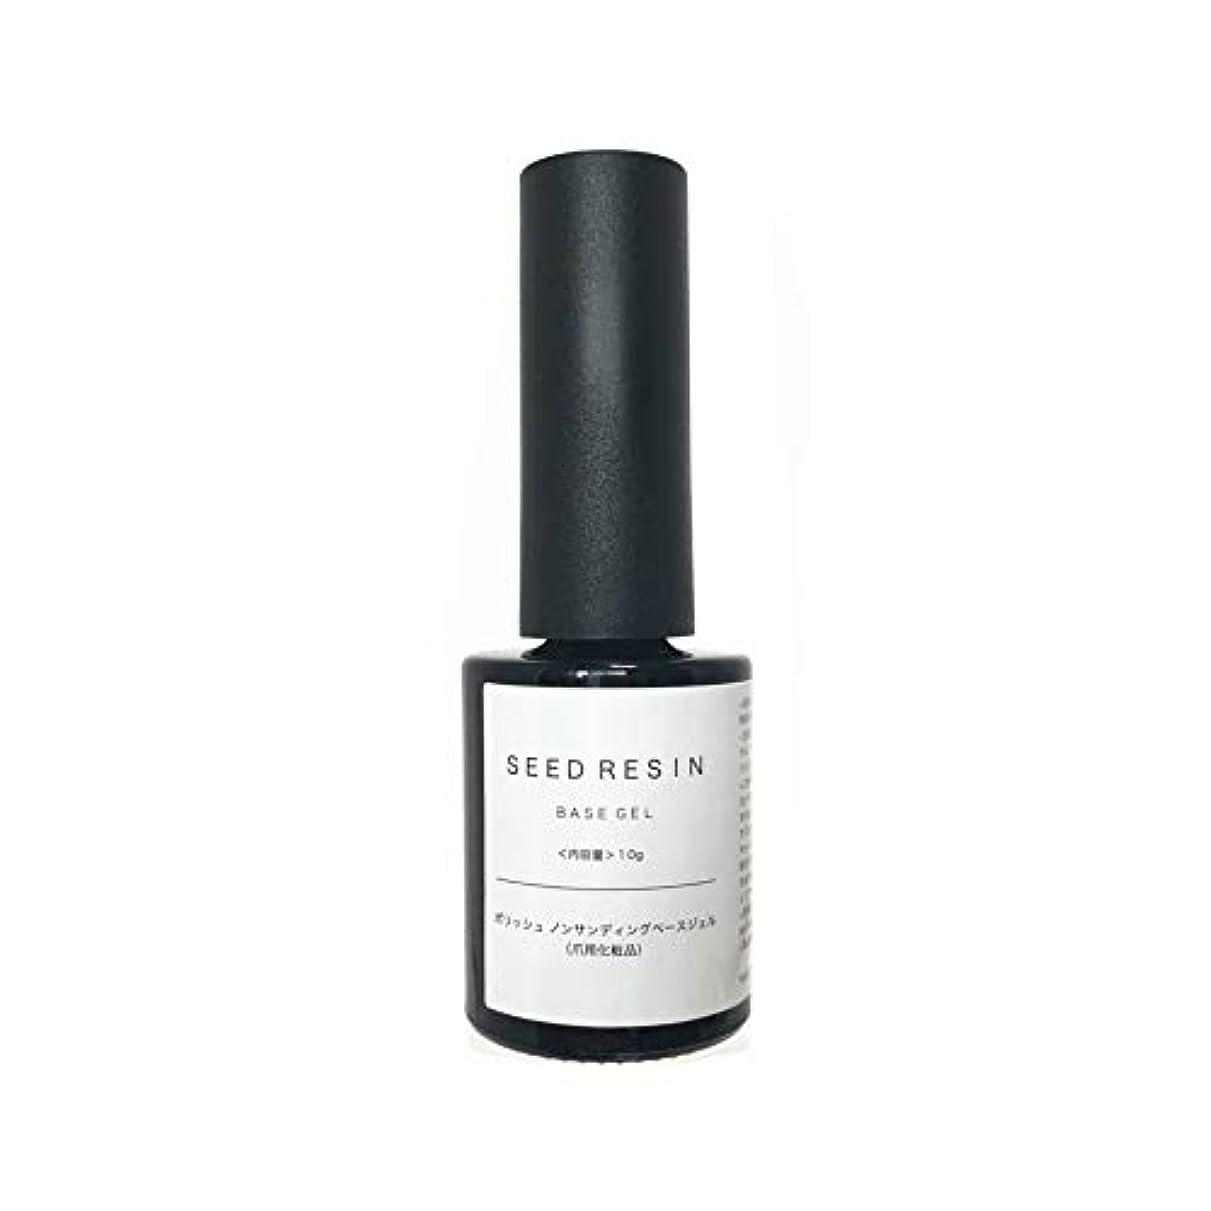 パネル平等大理石SEED RESIN(シードレジン) ジェルネイル ポリッシュ ノンサンディング ベースジェル 10g 爪用化粧品 日本製